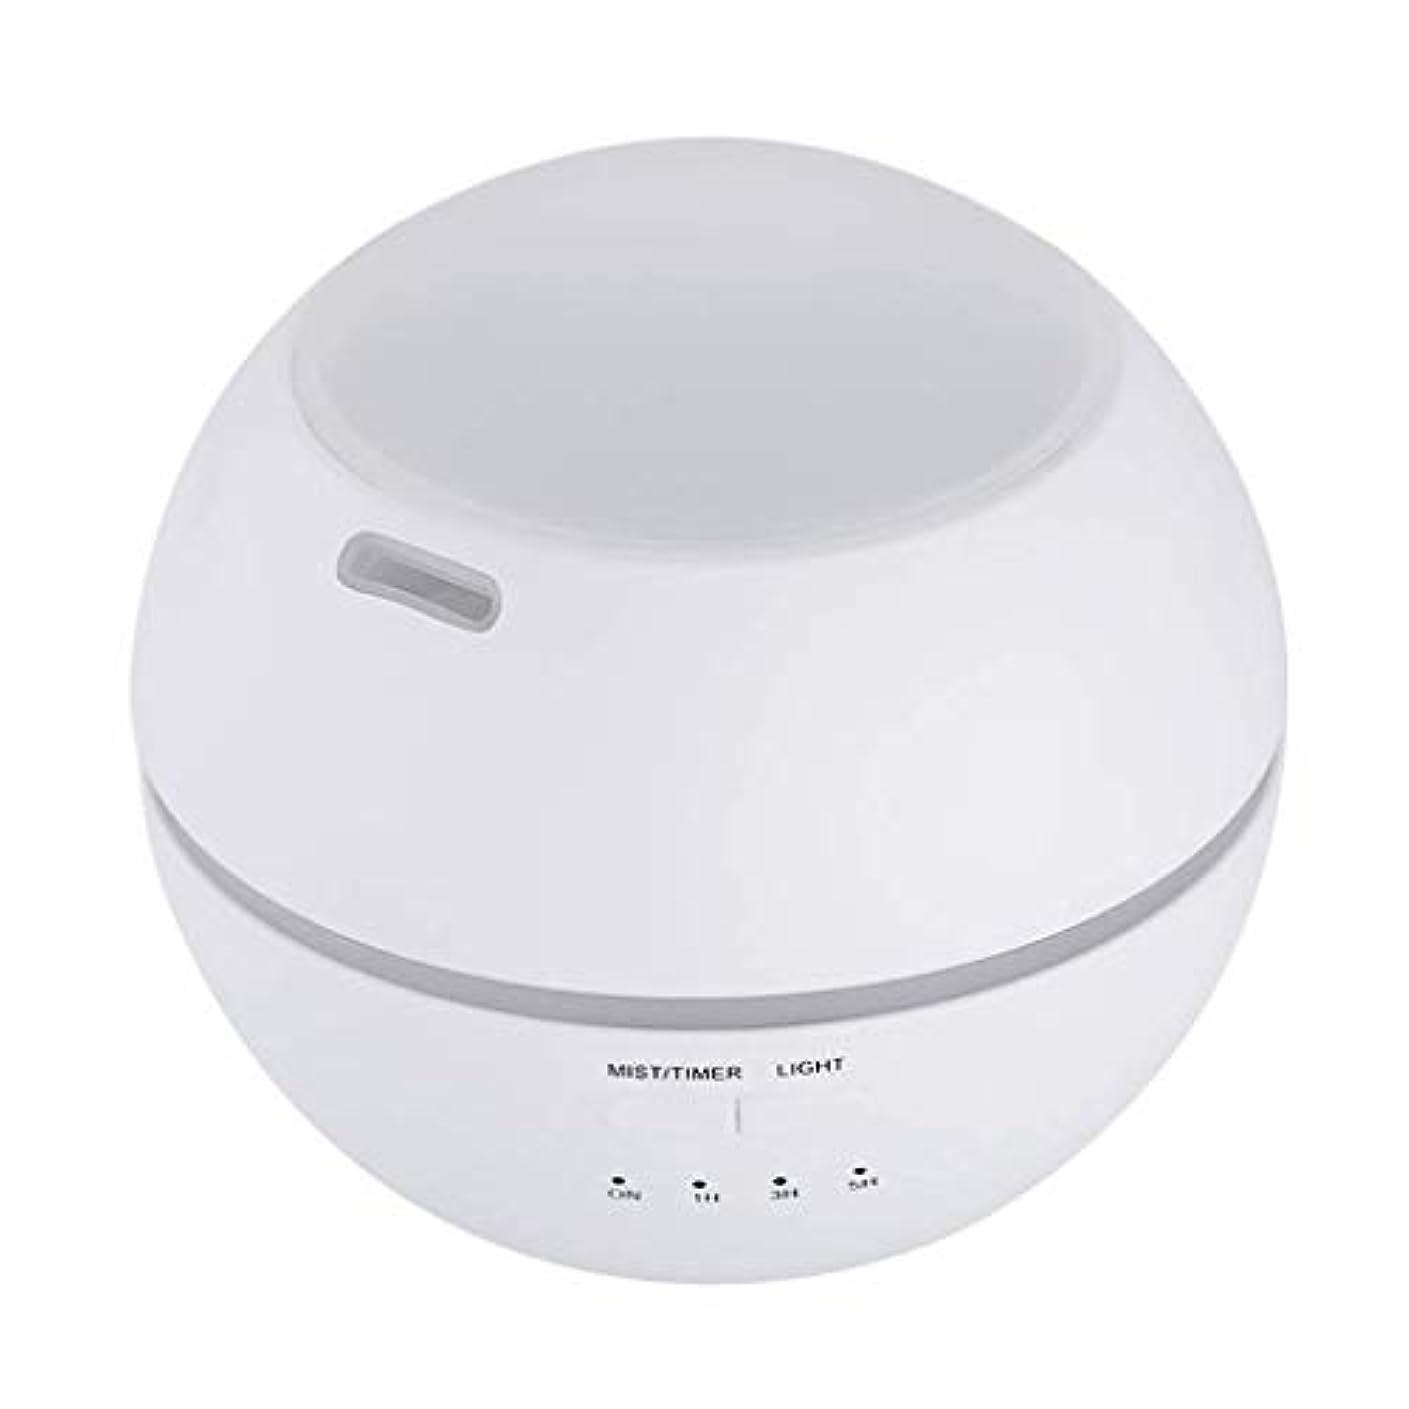 洞察力のあるローン糞加湿器、ポータブルアロマテラピーランプ、エッセンシャルオイルディフューザー加湿器、LEDランプの色を変える、空気清浄アロマテラピーマシン、サイレント家庭用 (Color : 白)